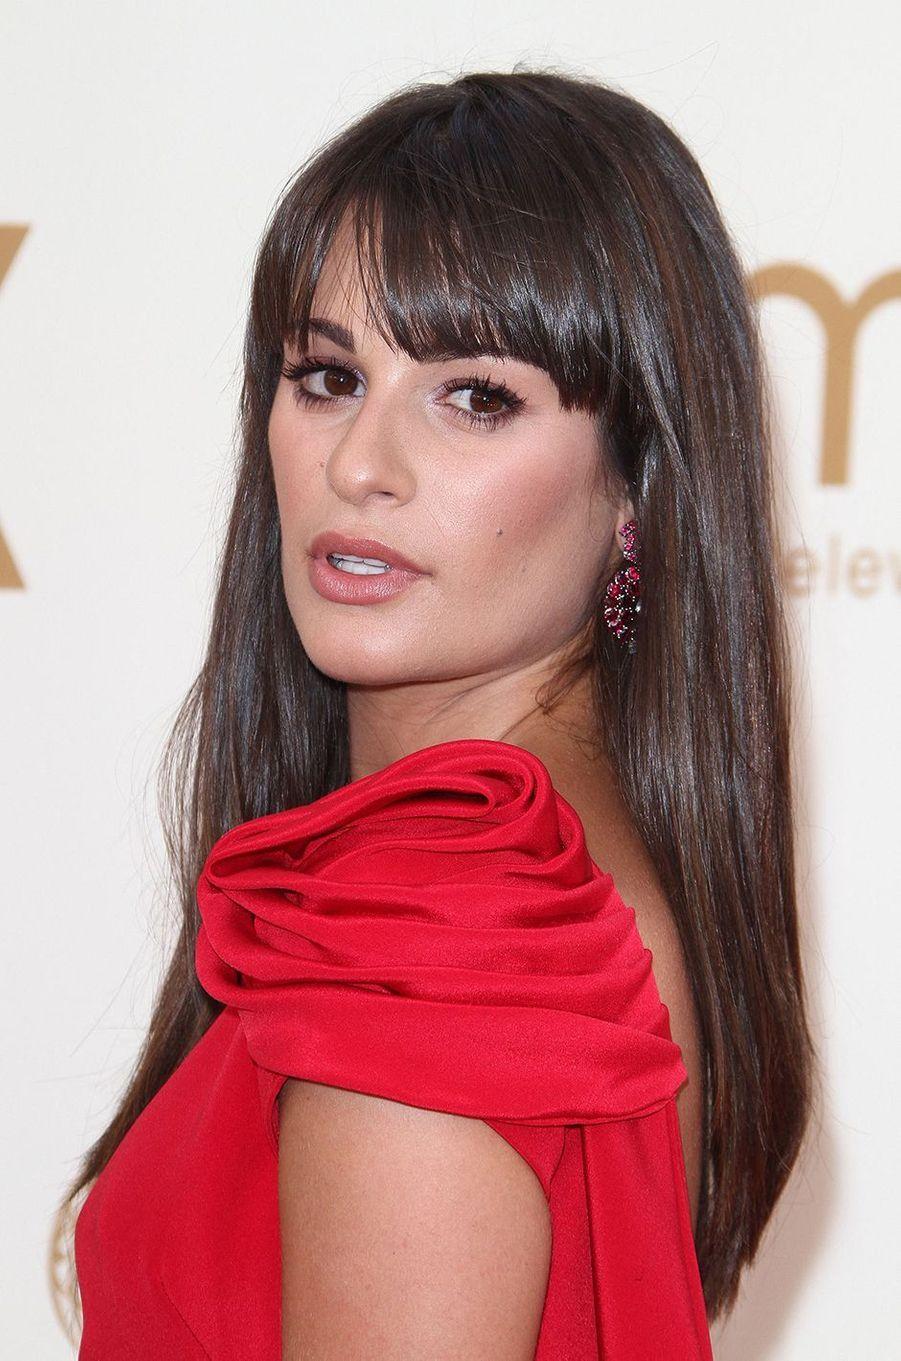 Lea Michele a été accusée en juin 2020 par plusieurs anciennes co-stars de «Glee», dont Samantha Ware, de comportements inappropriés, de harcèlement et même d'attaques racistes à l'époque du tournage de la série. L'actrice s'est platement excusée sur Instagram.